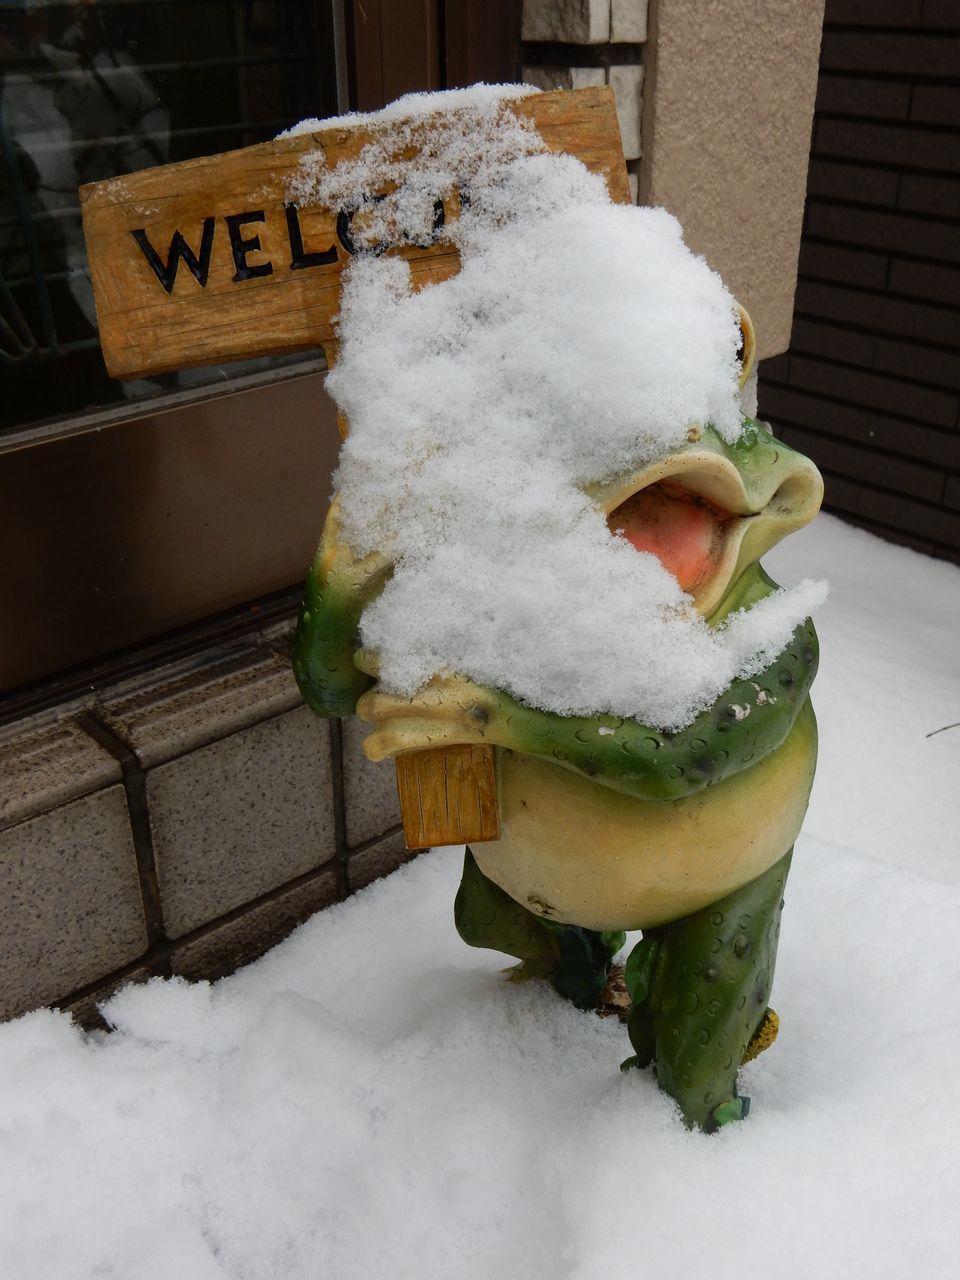 根雪の終日はキャンセルされました_c0025115_22005956.jpg